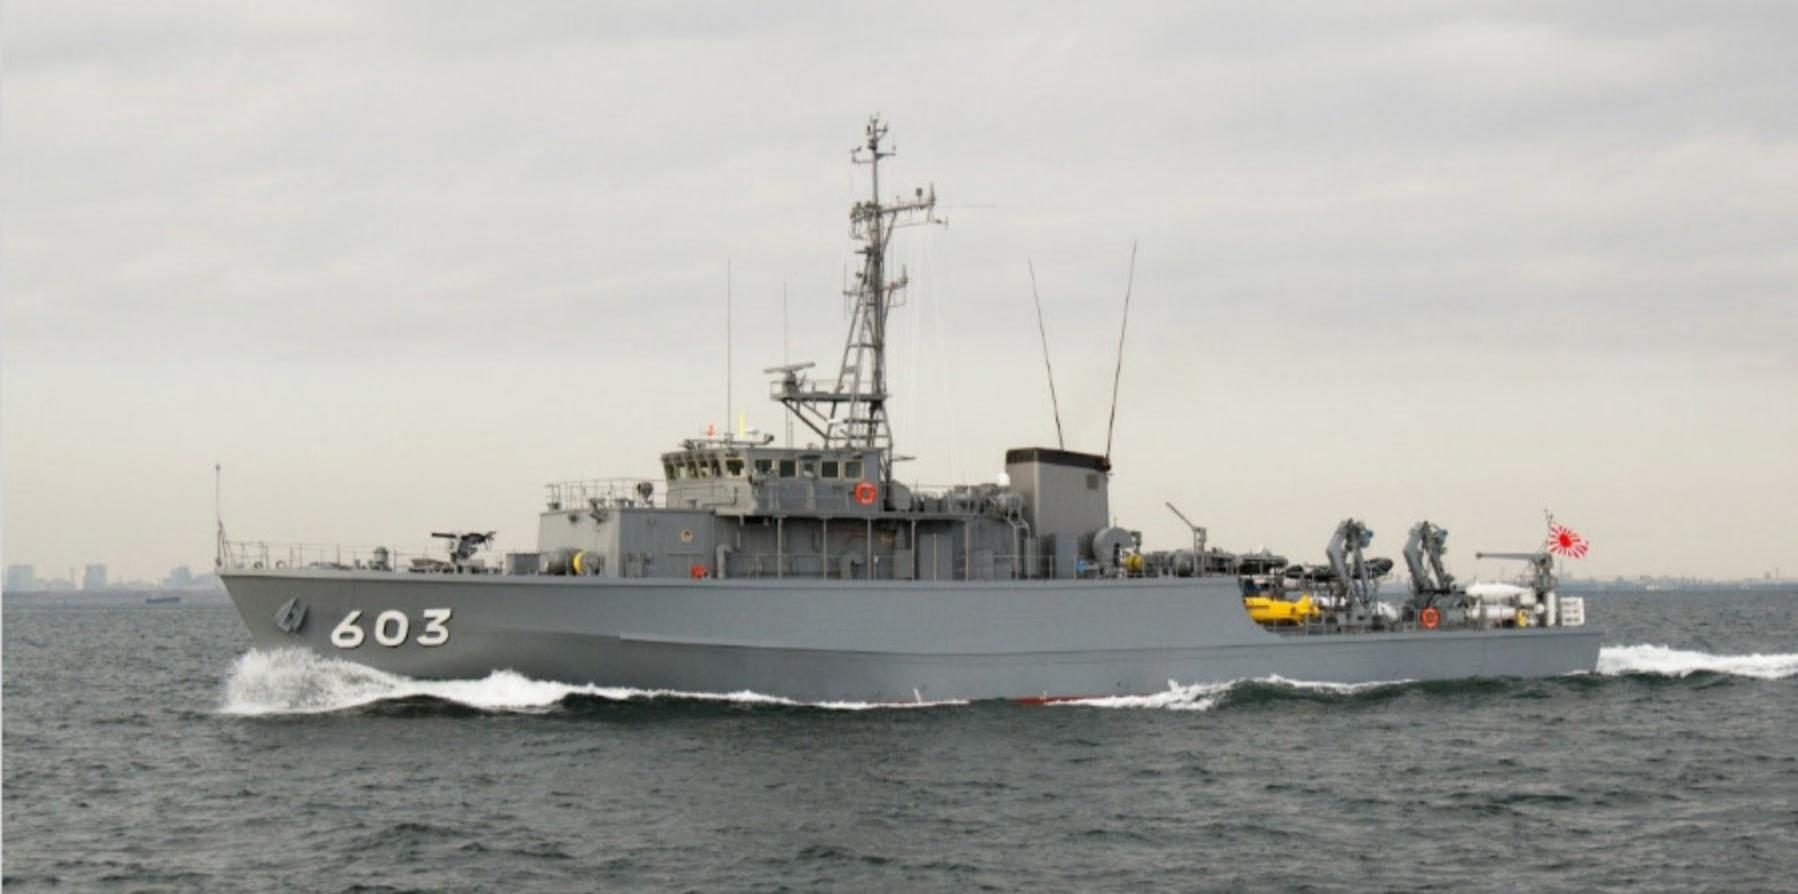 日本海上自卫队一扫雷艇与渔船相撞:无人受伤,正调查详情